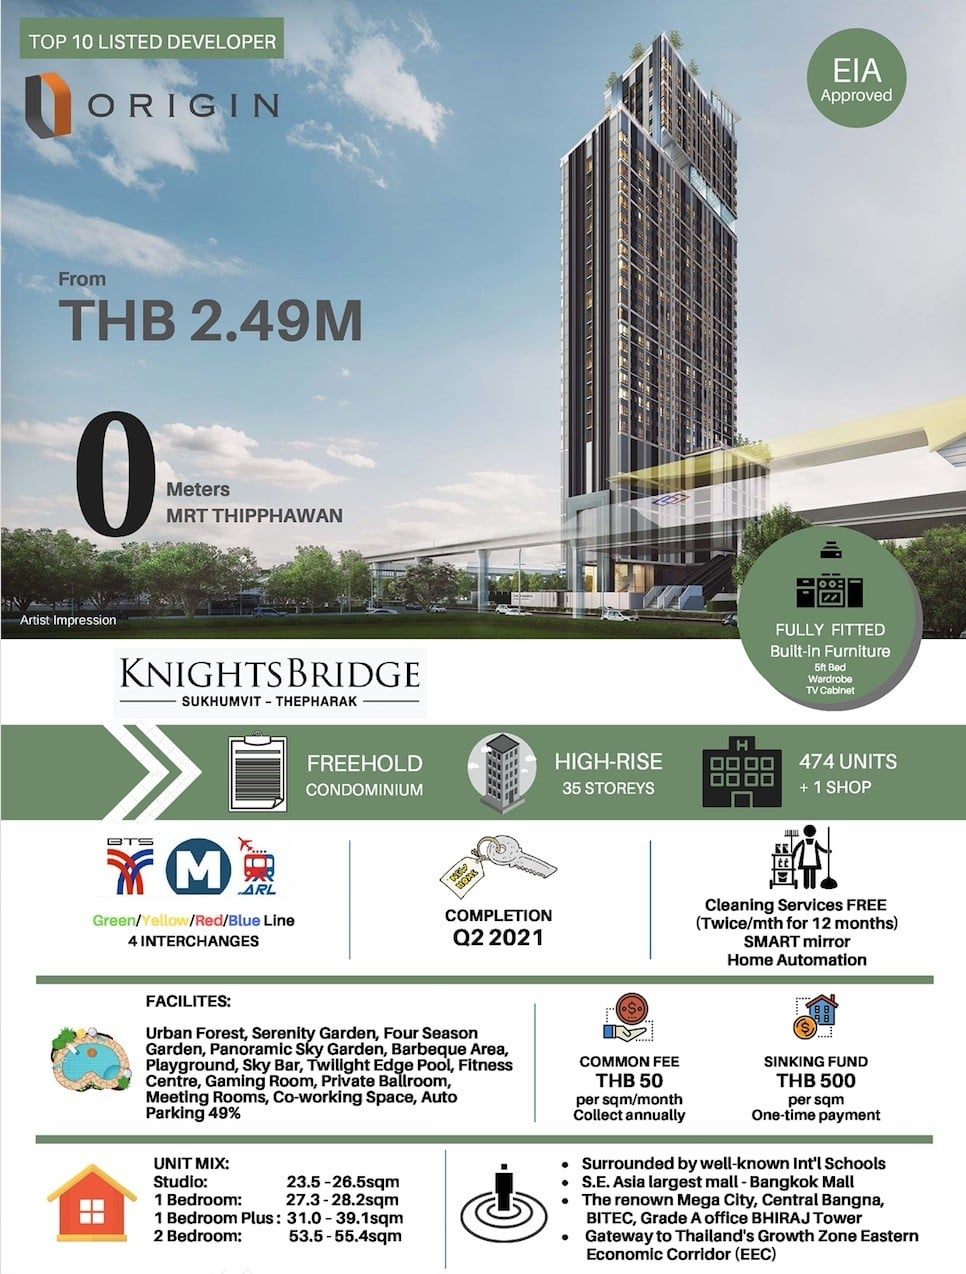 Knightsbridge-sukhumvit-thepharak-EDM